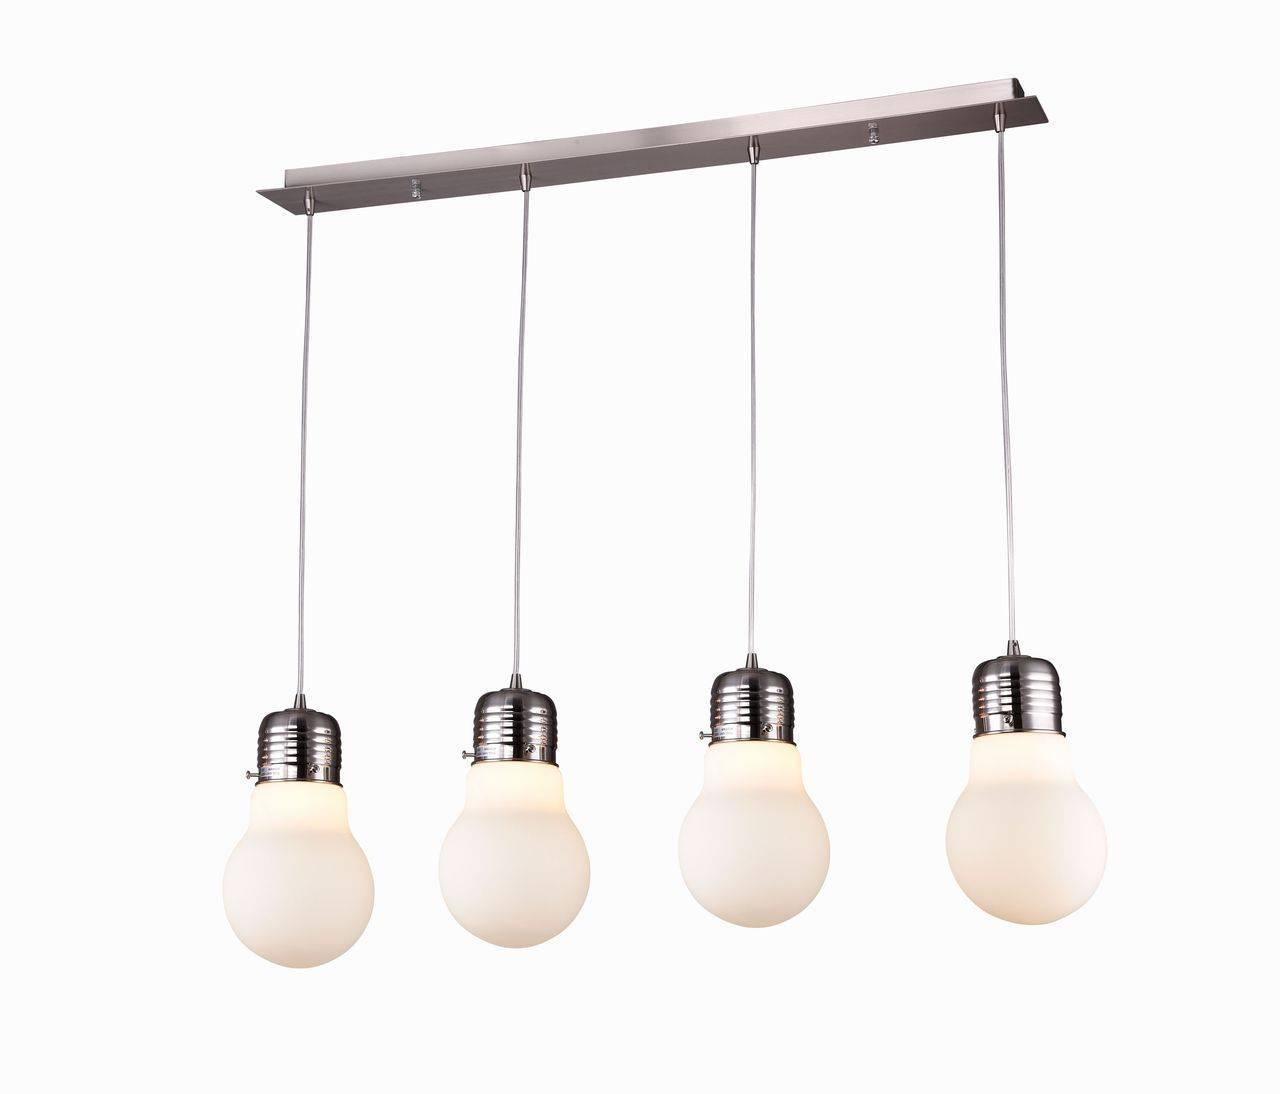 купить Подвесной светильник ST Luce Buld SL299.503.04 по цене 10500 рублей